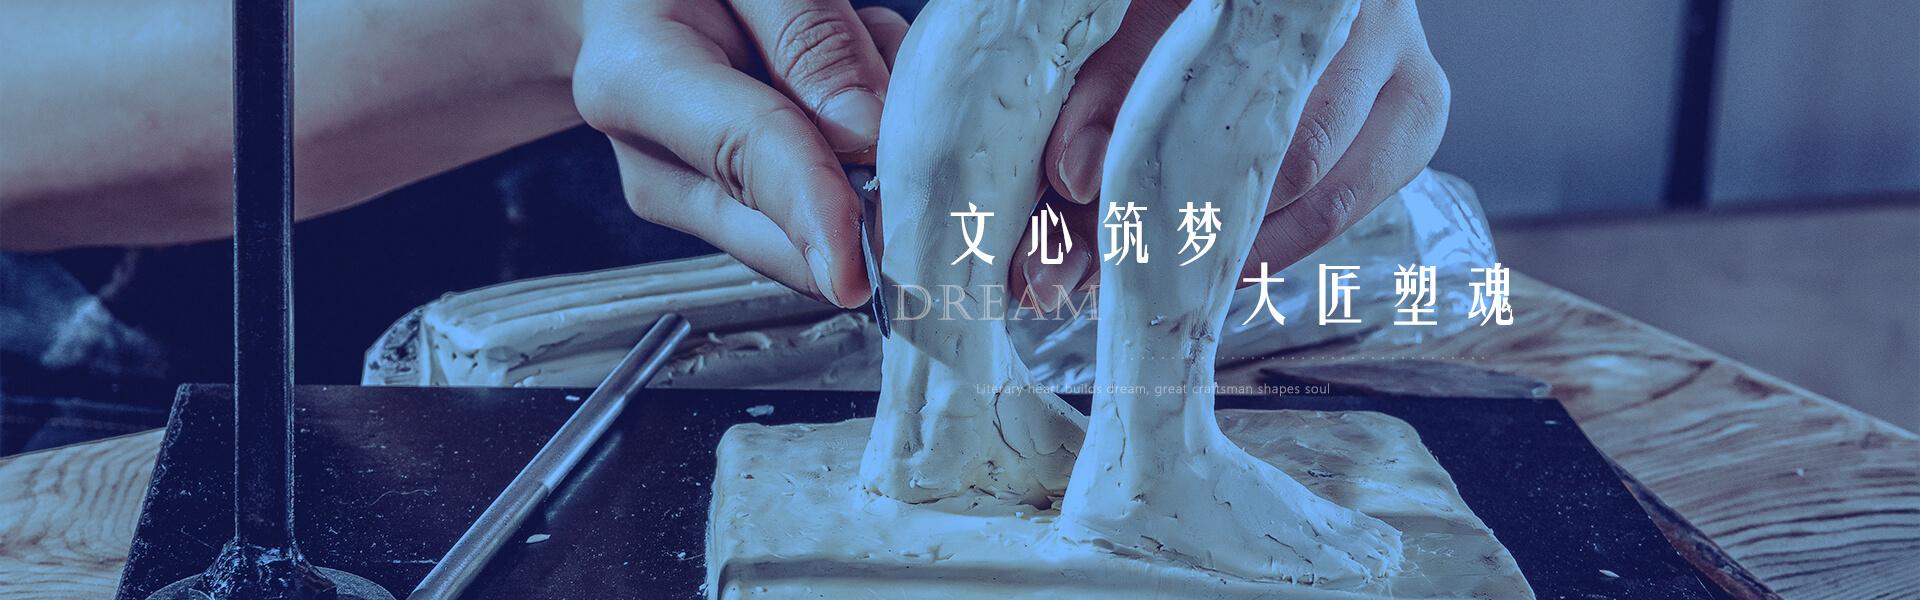 文心筑梦 大匠塑魂 扬州雕塑厂家